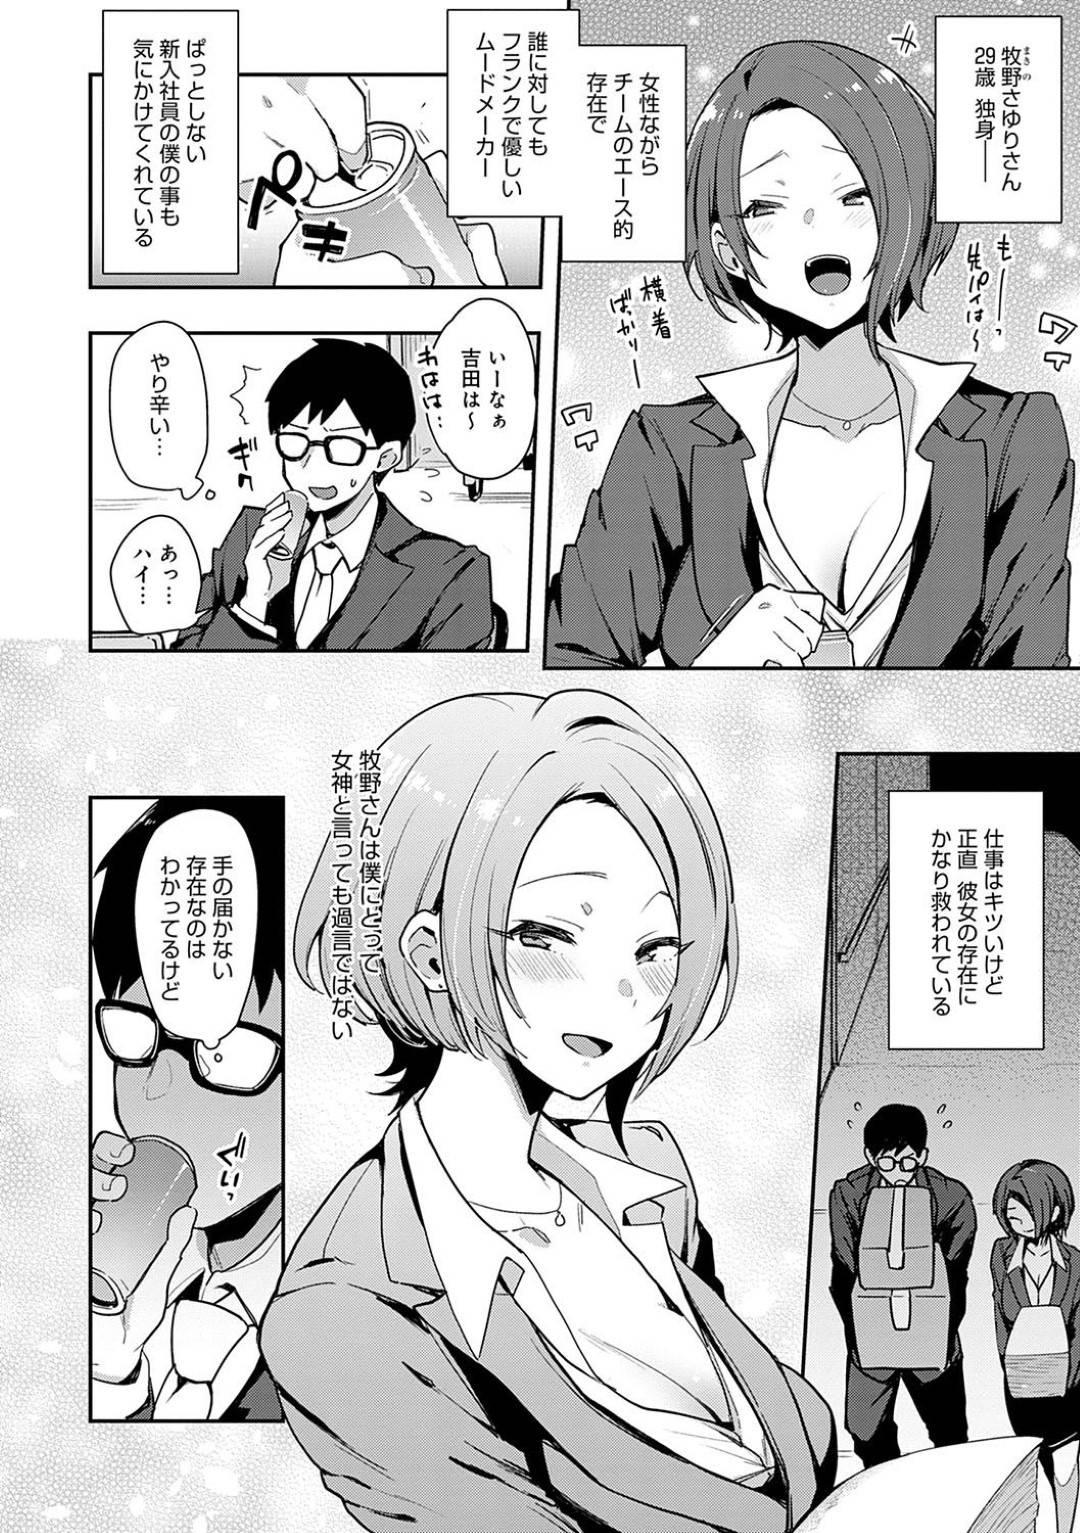 【エロ漫画】後輩の机でオナニーするのを本人に見られた女上司は公園に誘って青姦生ハメセックス